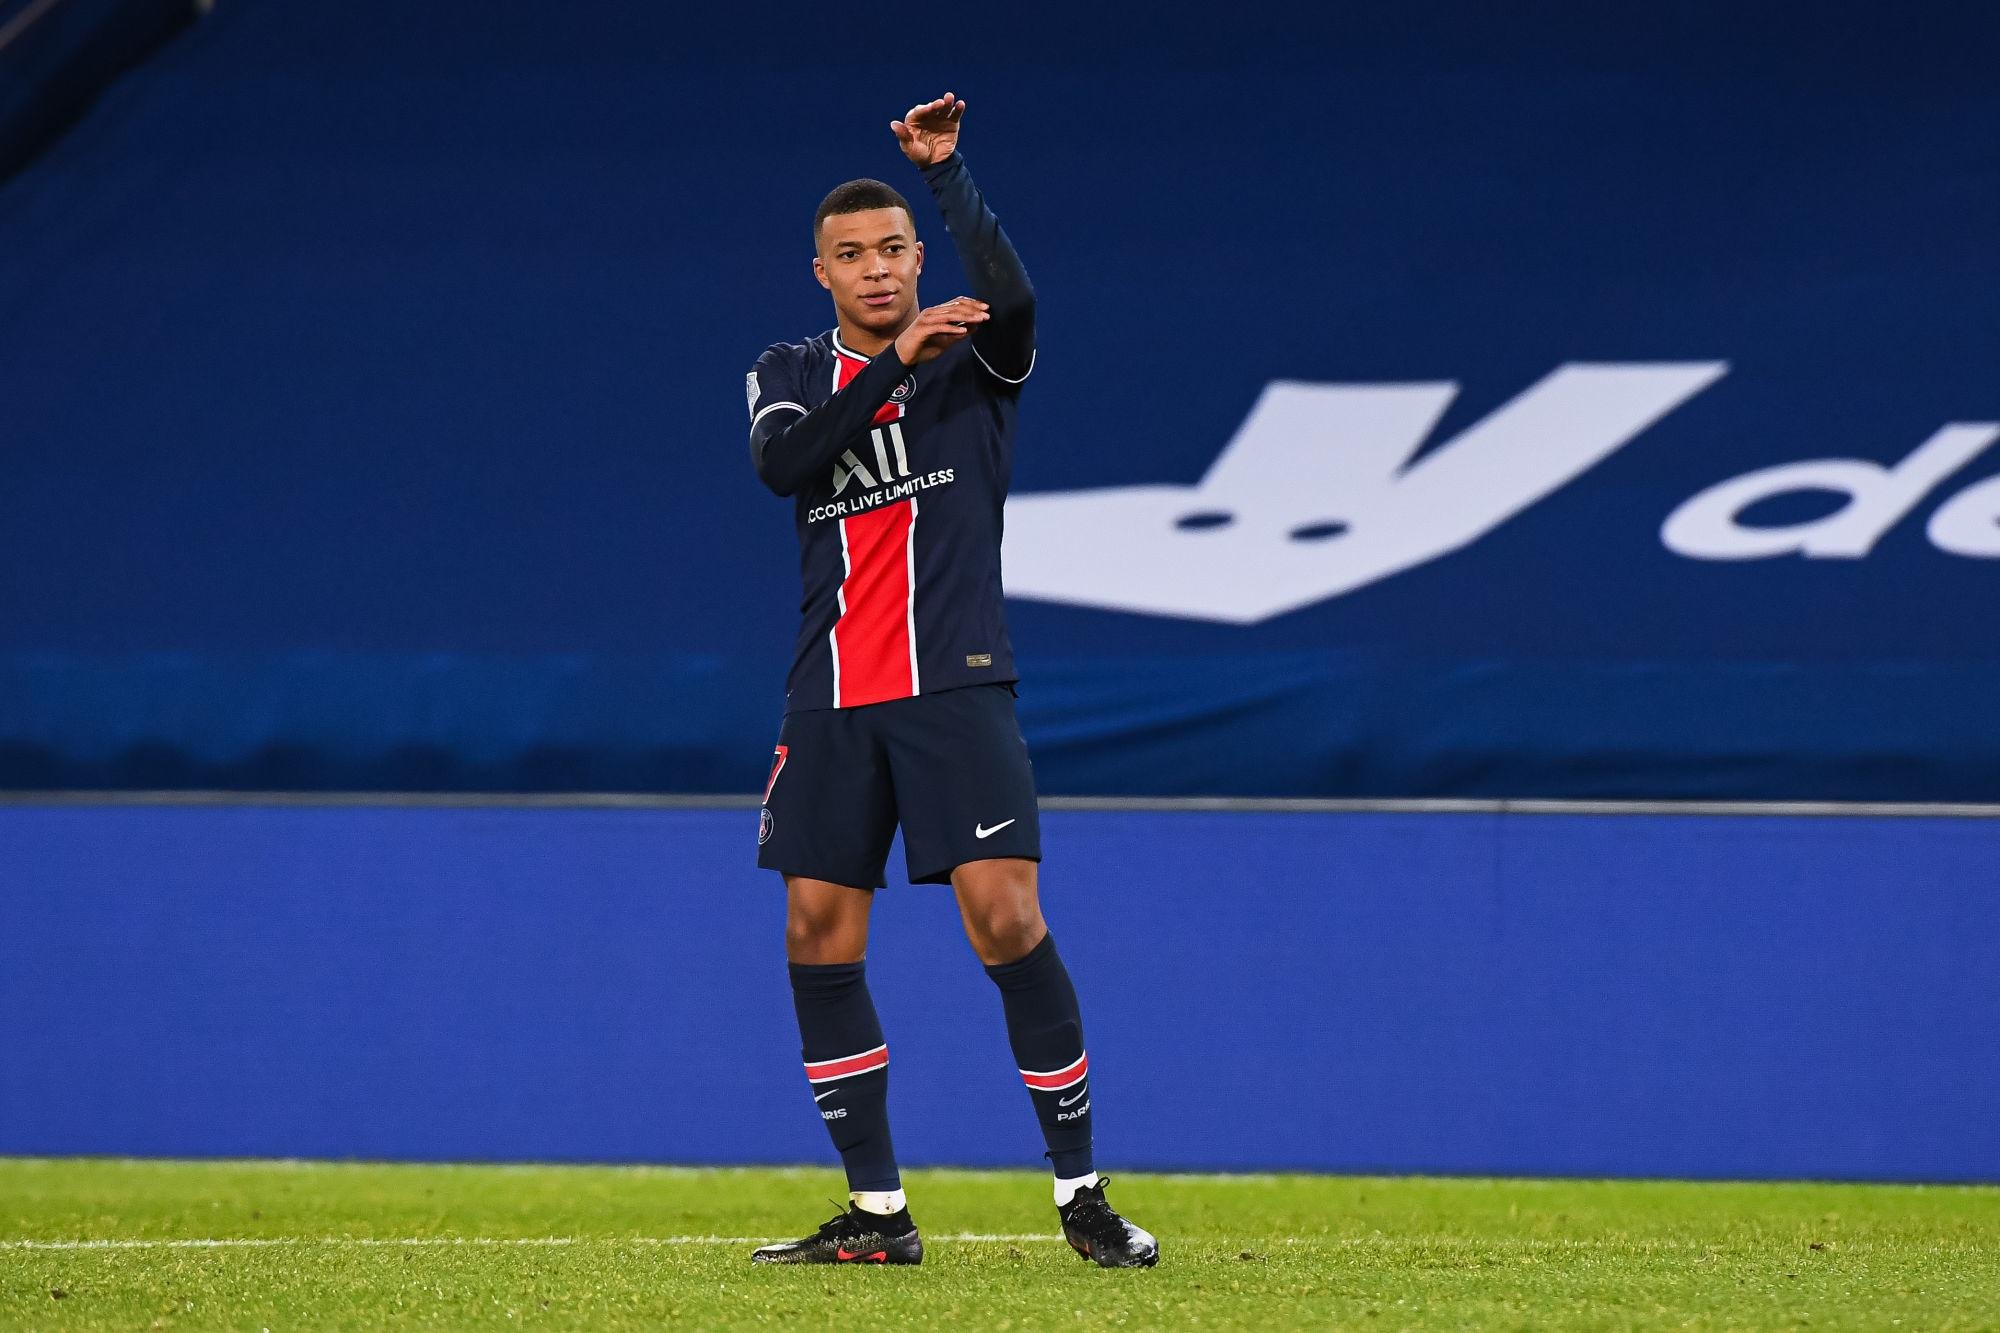 """Mbappé évoque PSG/Montpellier, les critiques et son avenir """"je suis en réflexion"""""""